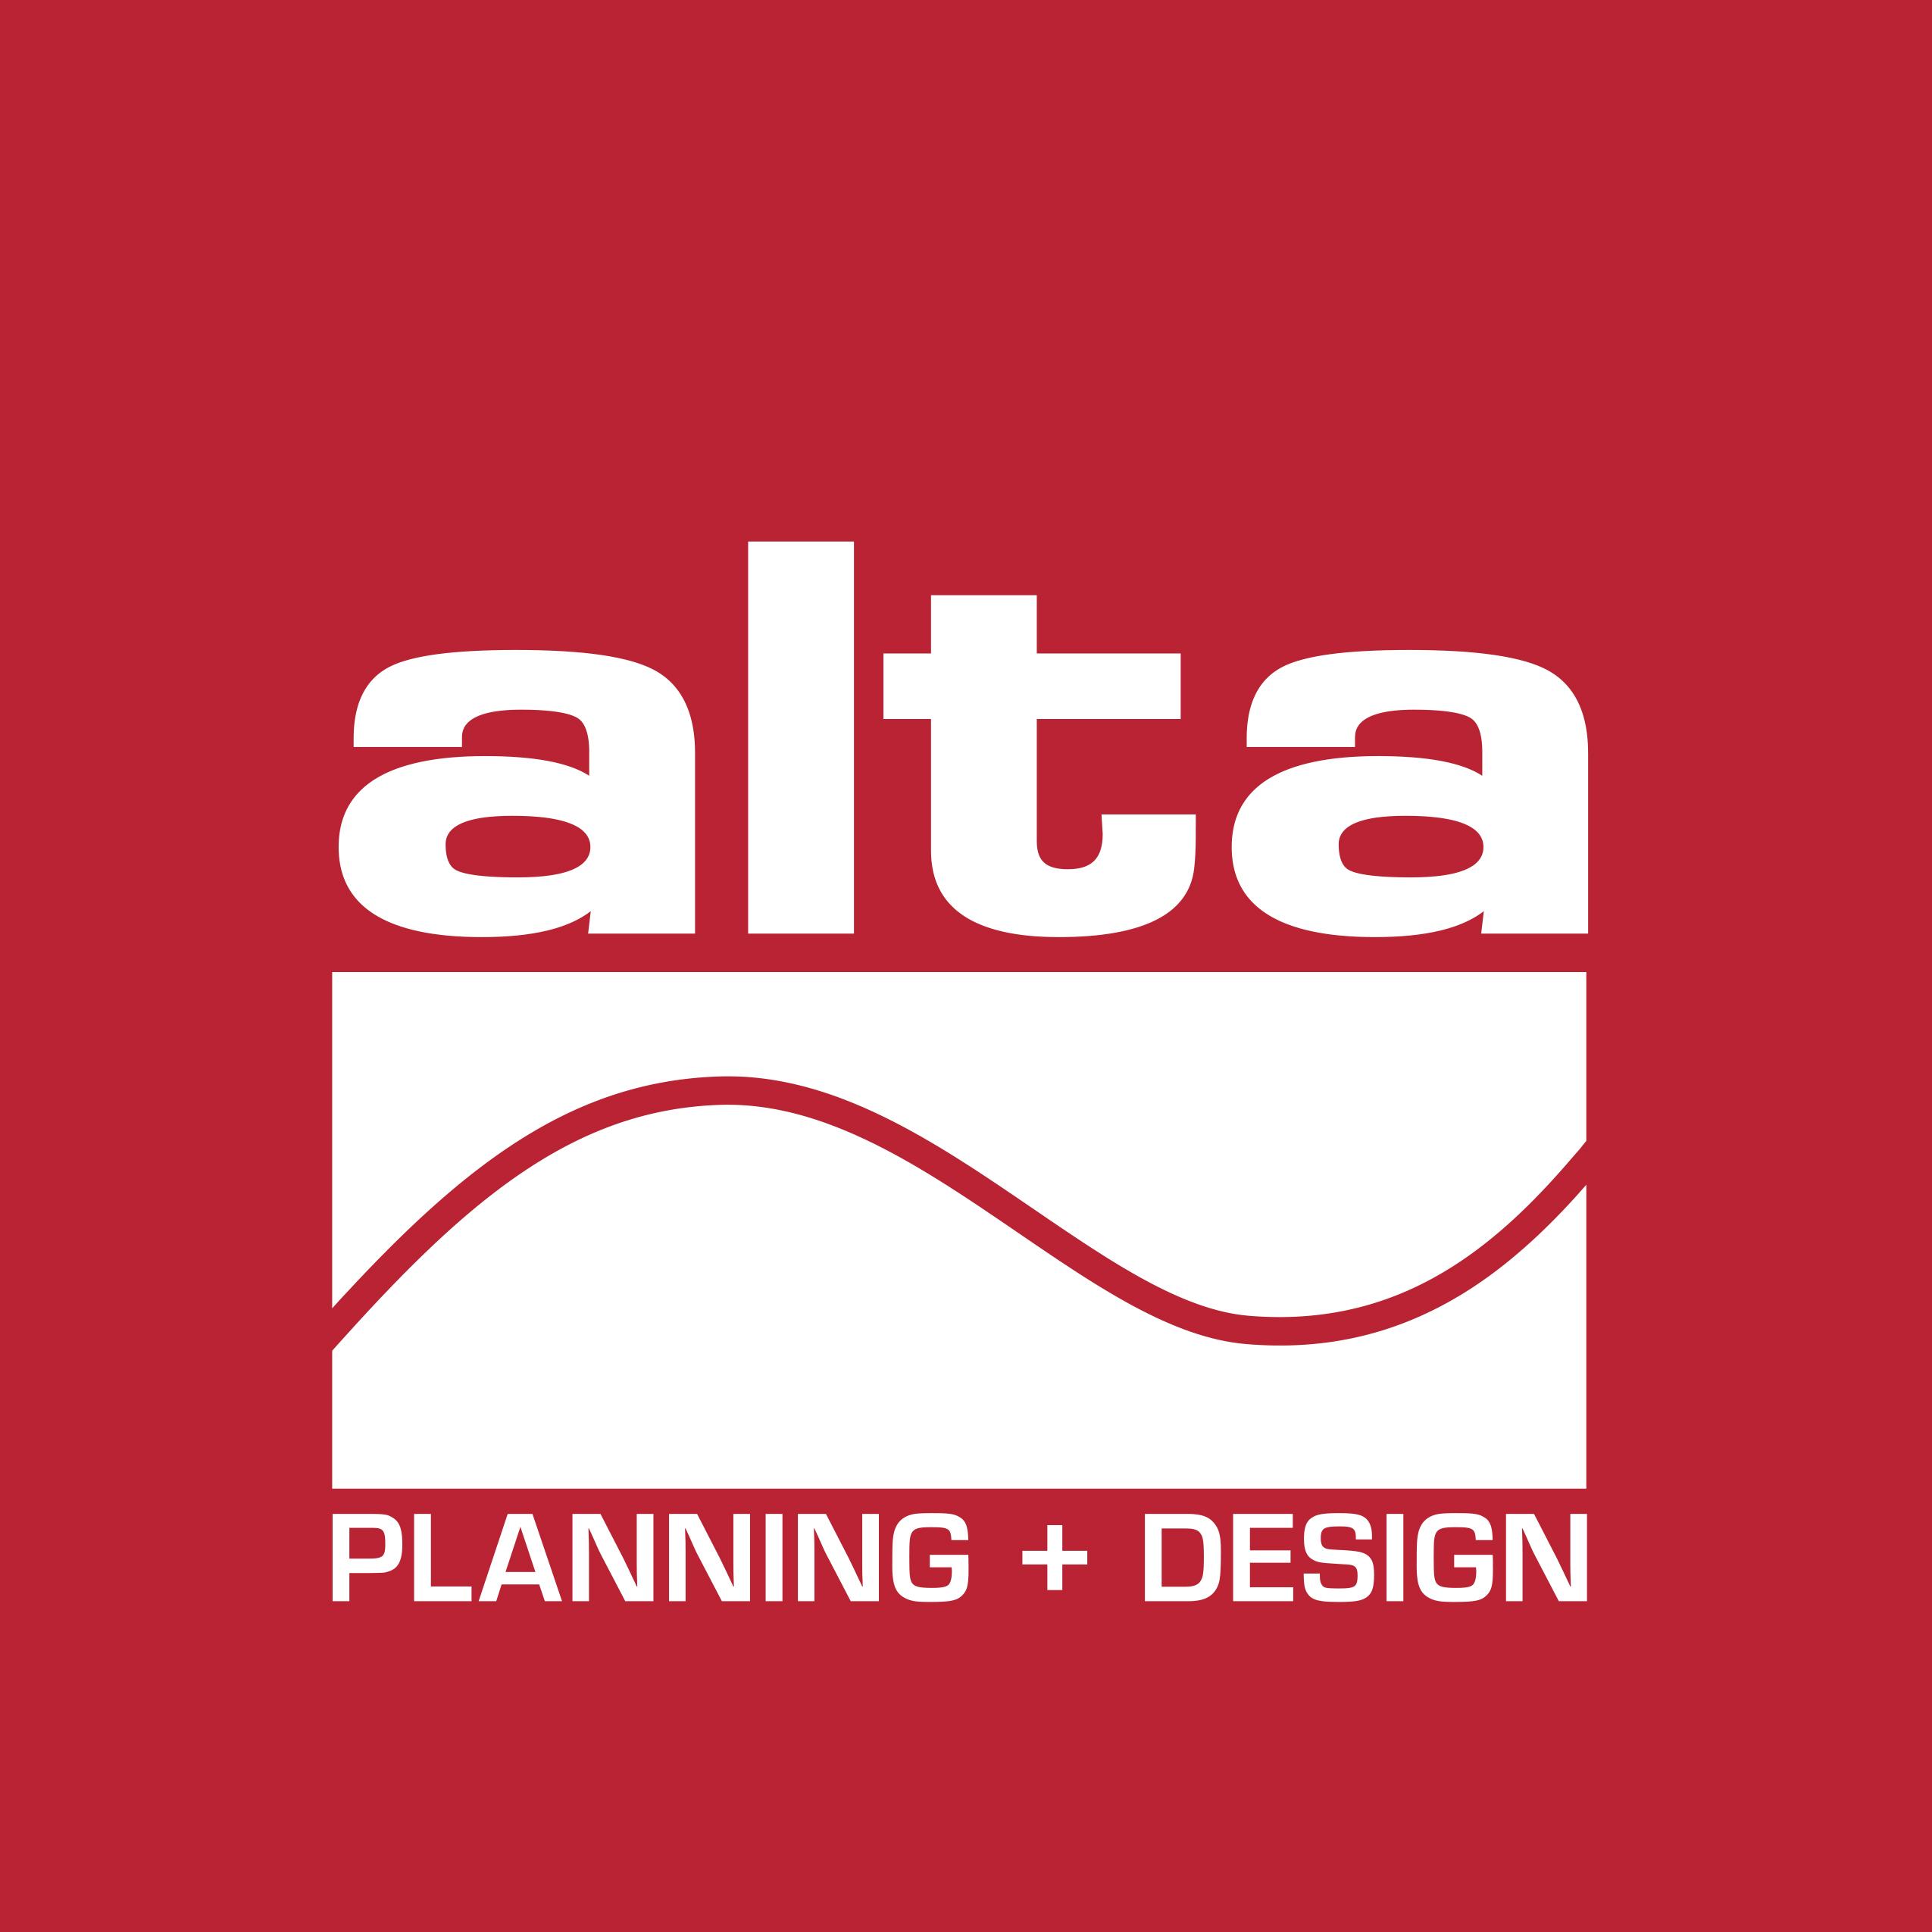 Alta_Logo_white_on_red.jpg